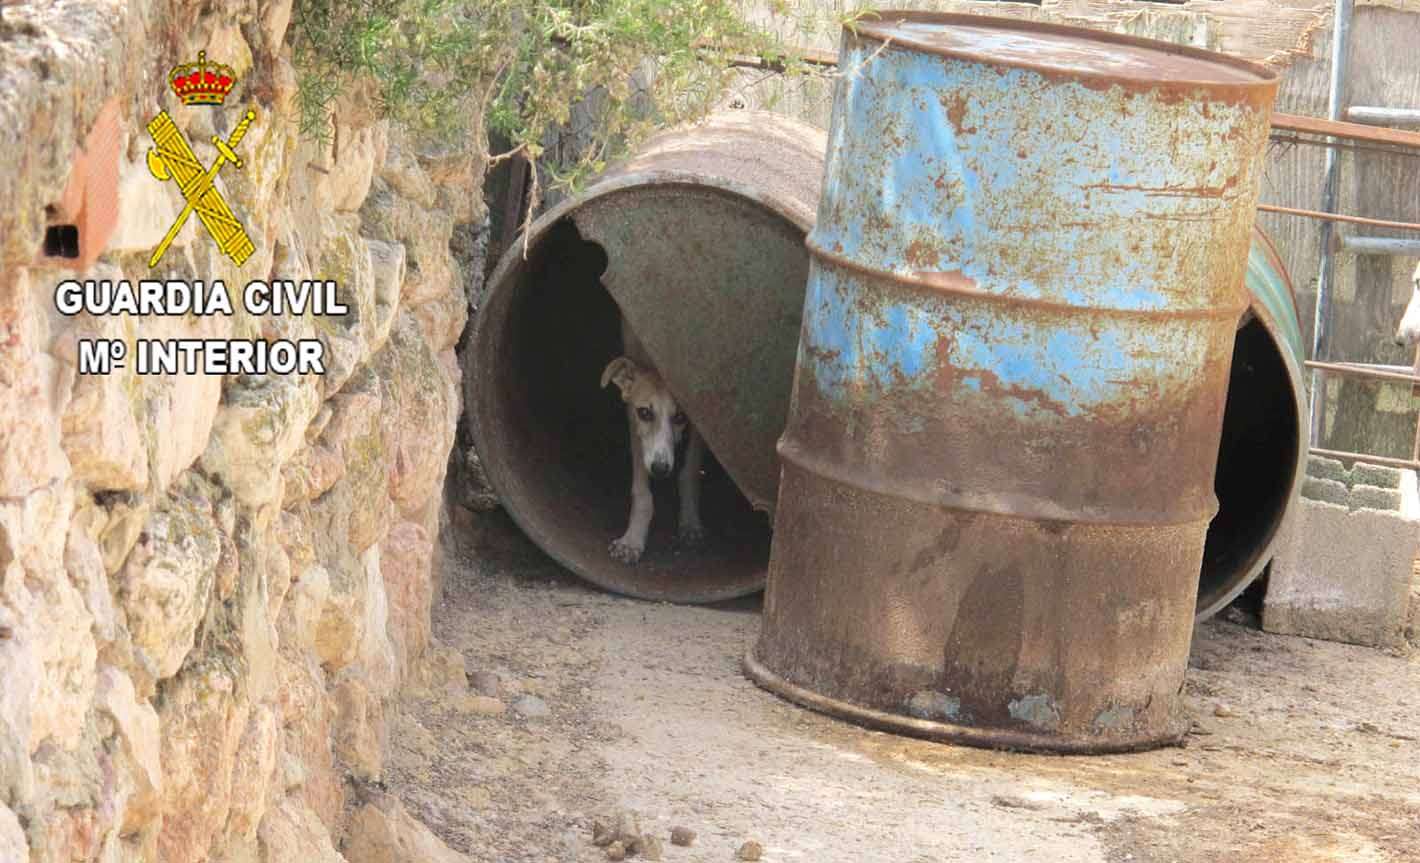 Perros en malas condiciones en Moratilla de Henares.